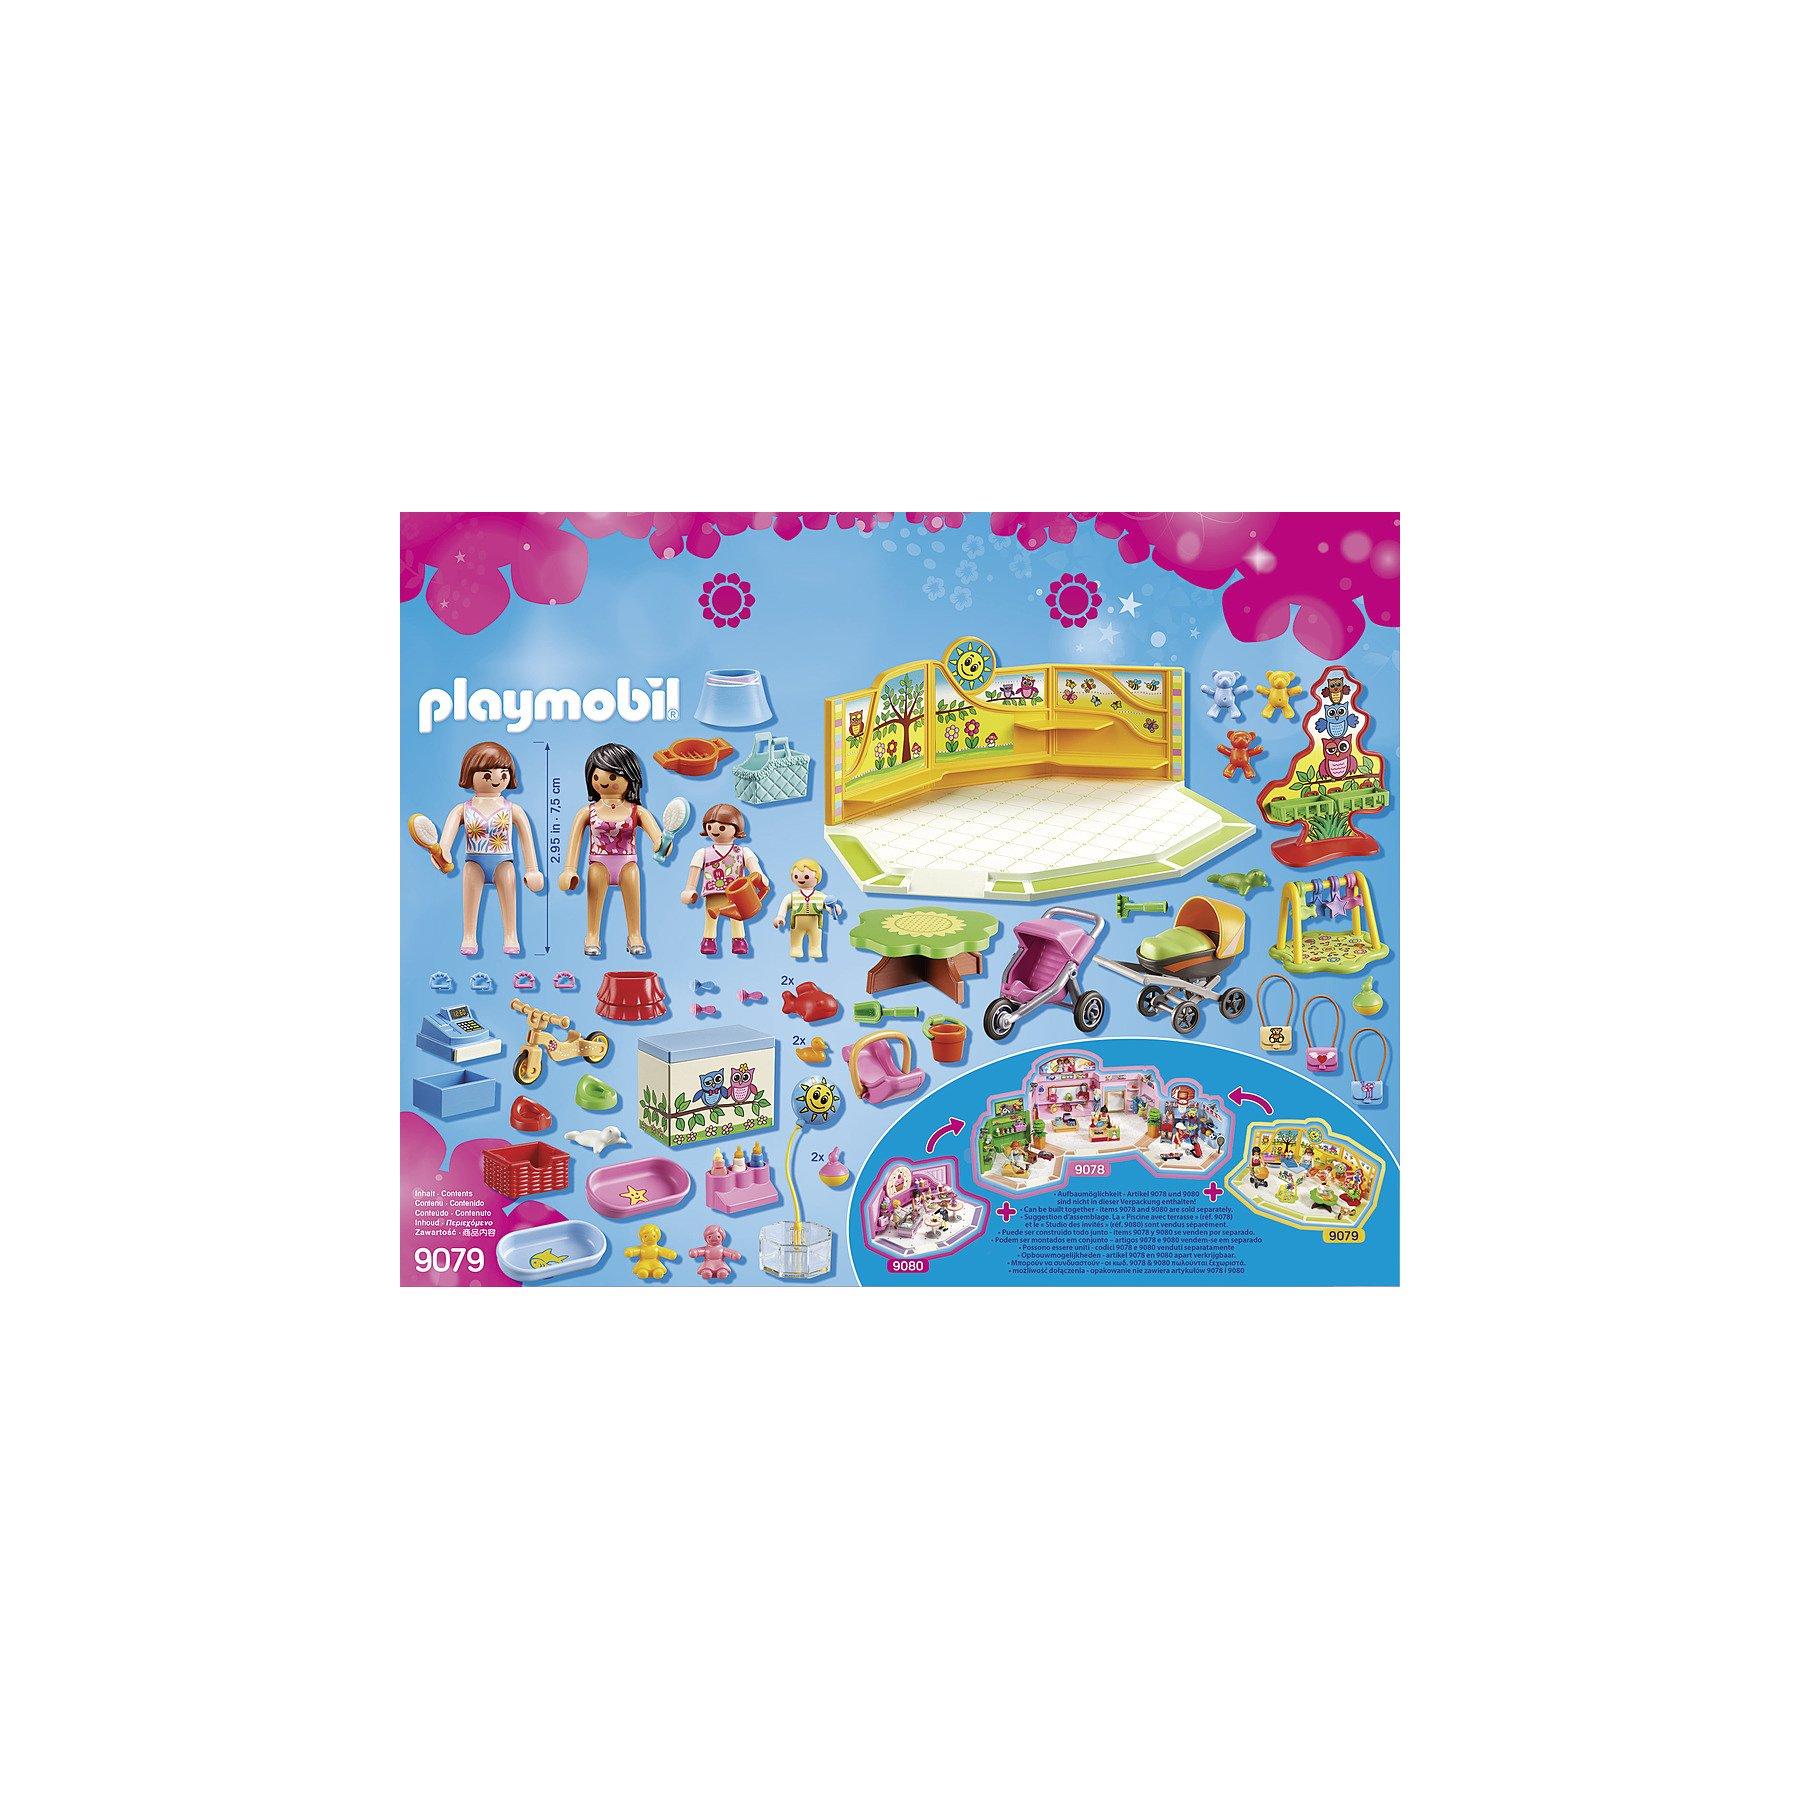 ebdf256e8 Playmobil City Life Baby Store 9079